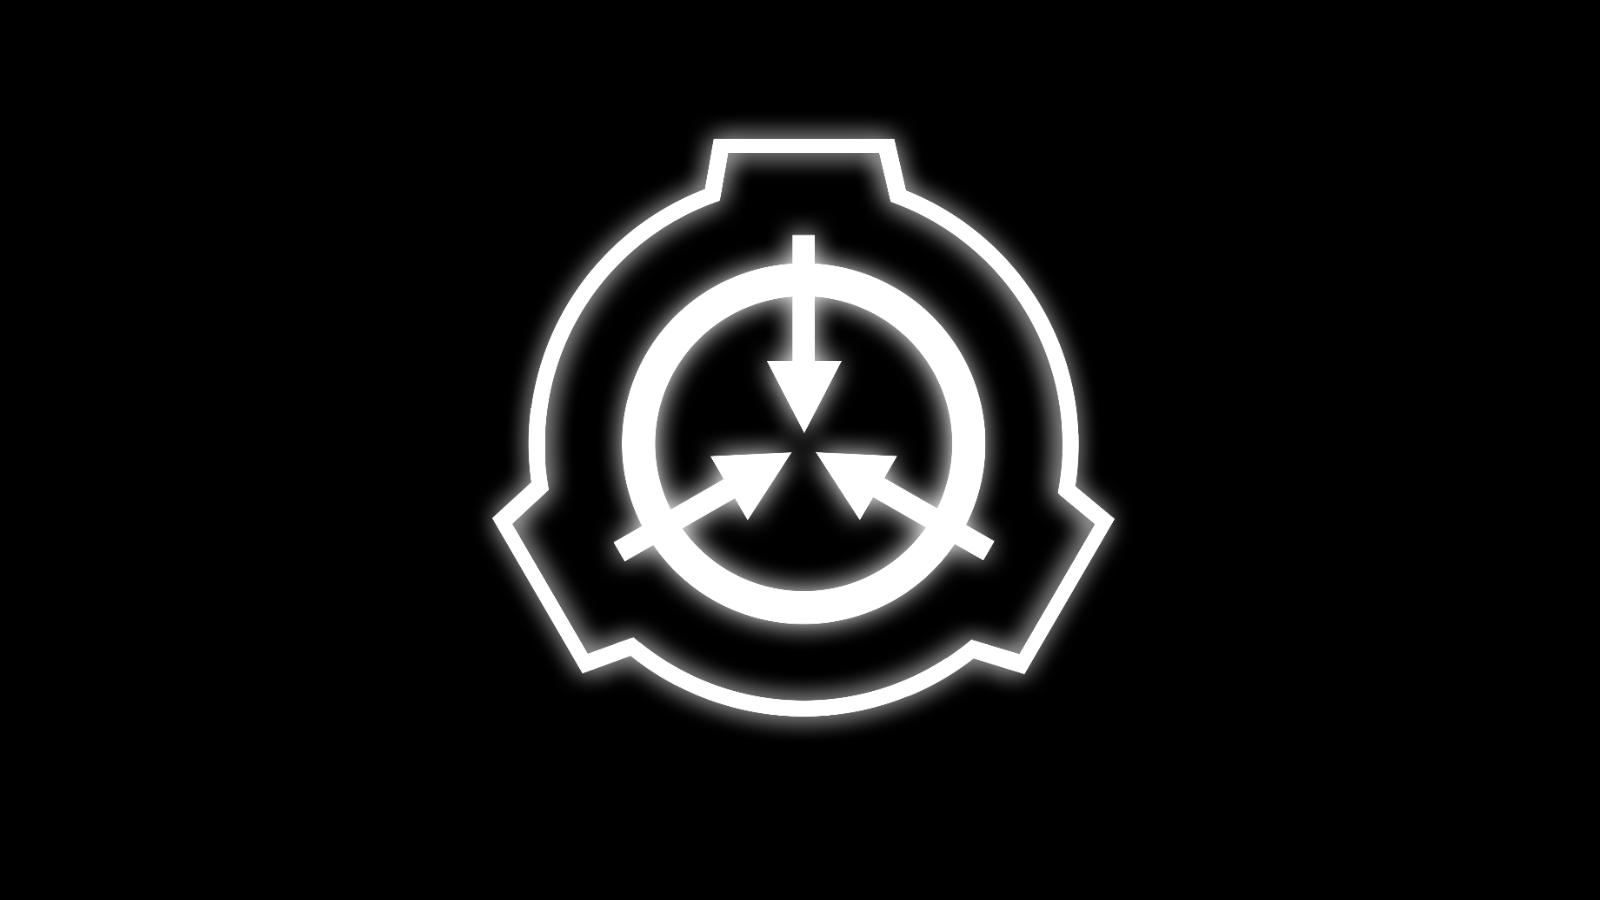 Bildergebnis für scp logo